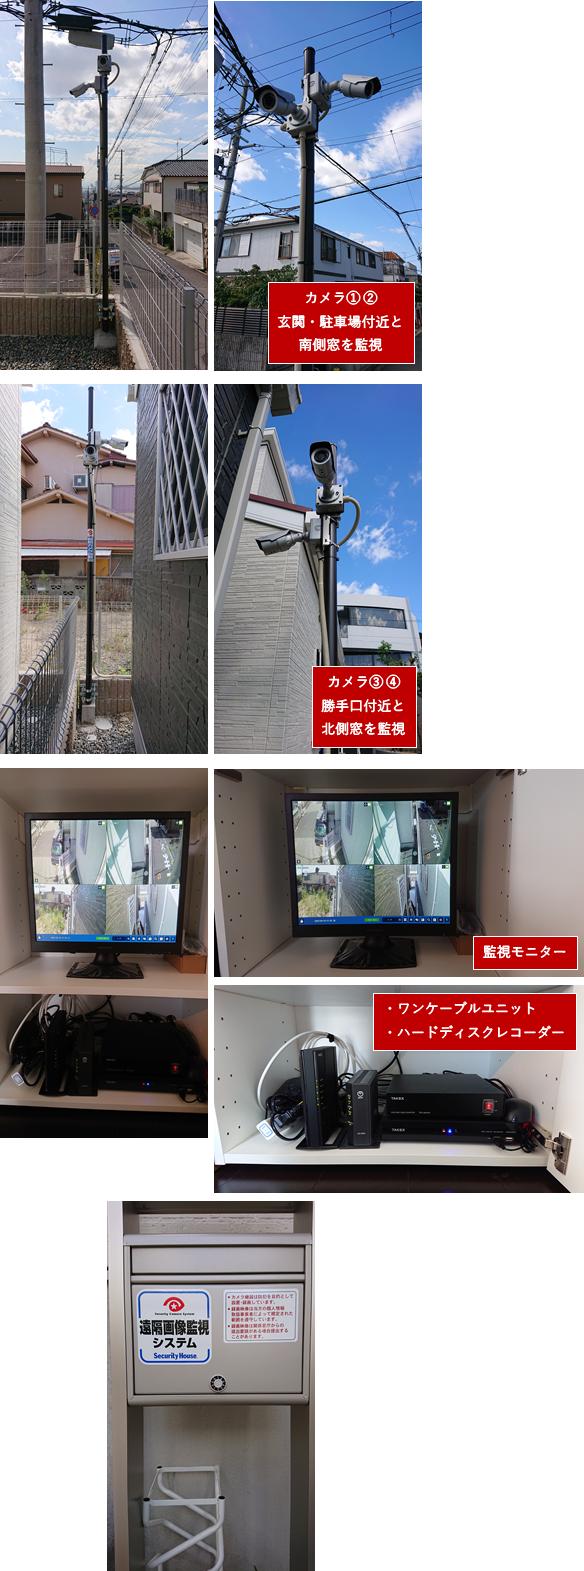 小波津邸・防犯カメラLP画像